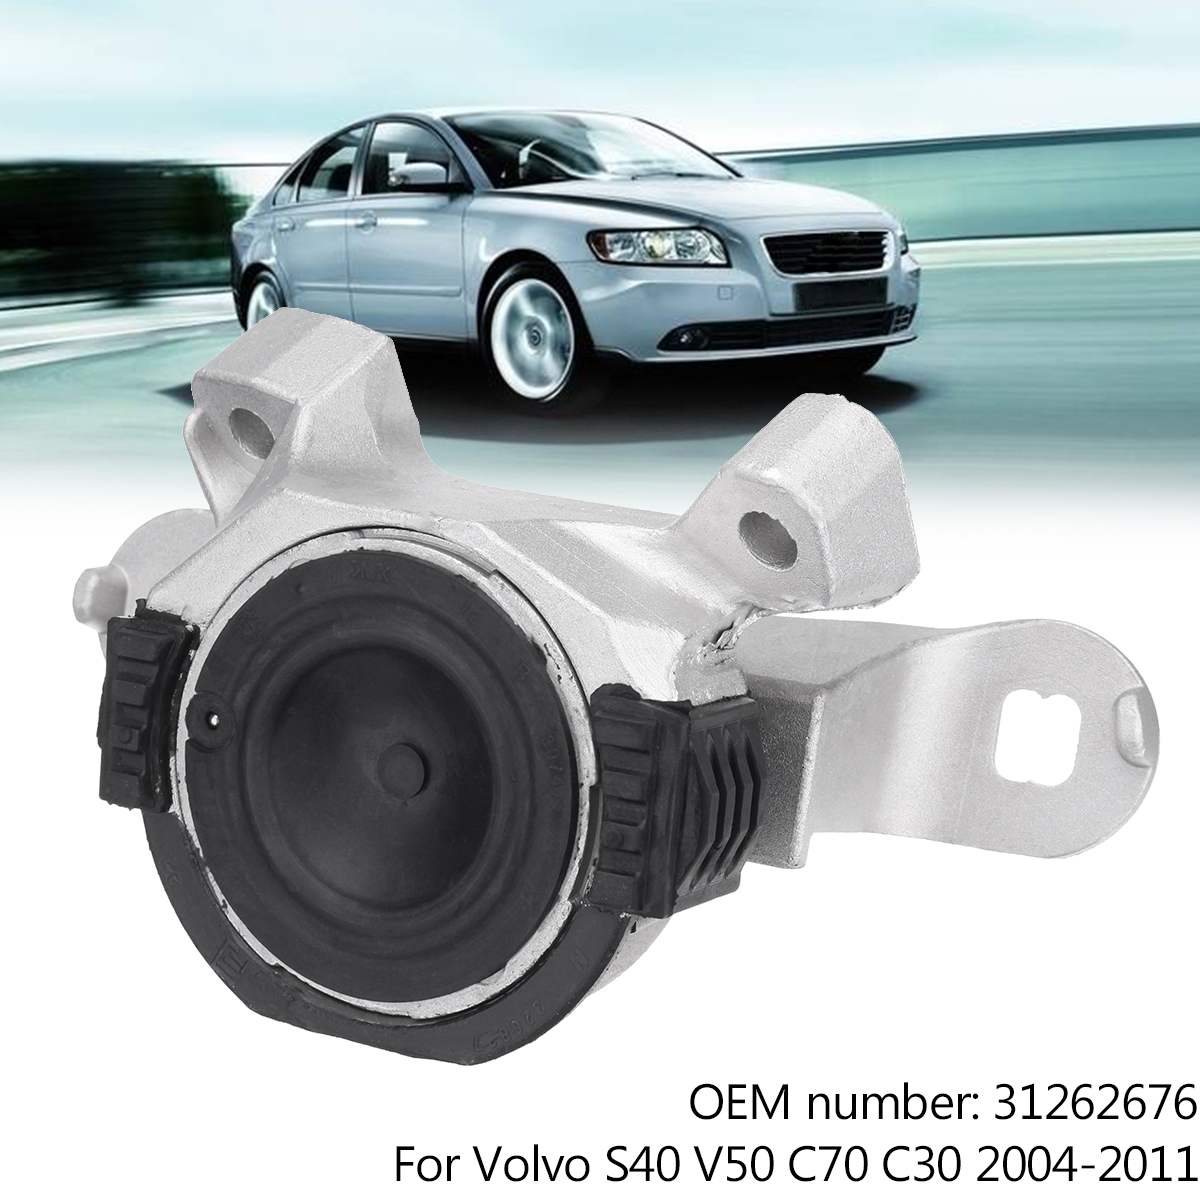 New Engine Torque Rod Mount Volvo S80 Xc90 2012 2011 2010 2009 2008 2007 99 1999